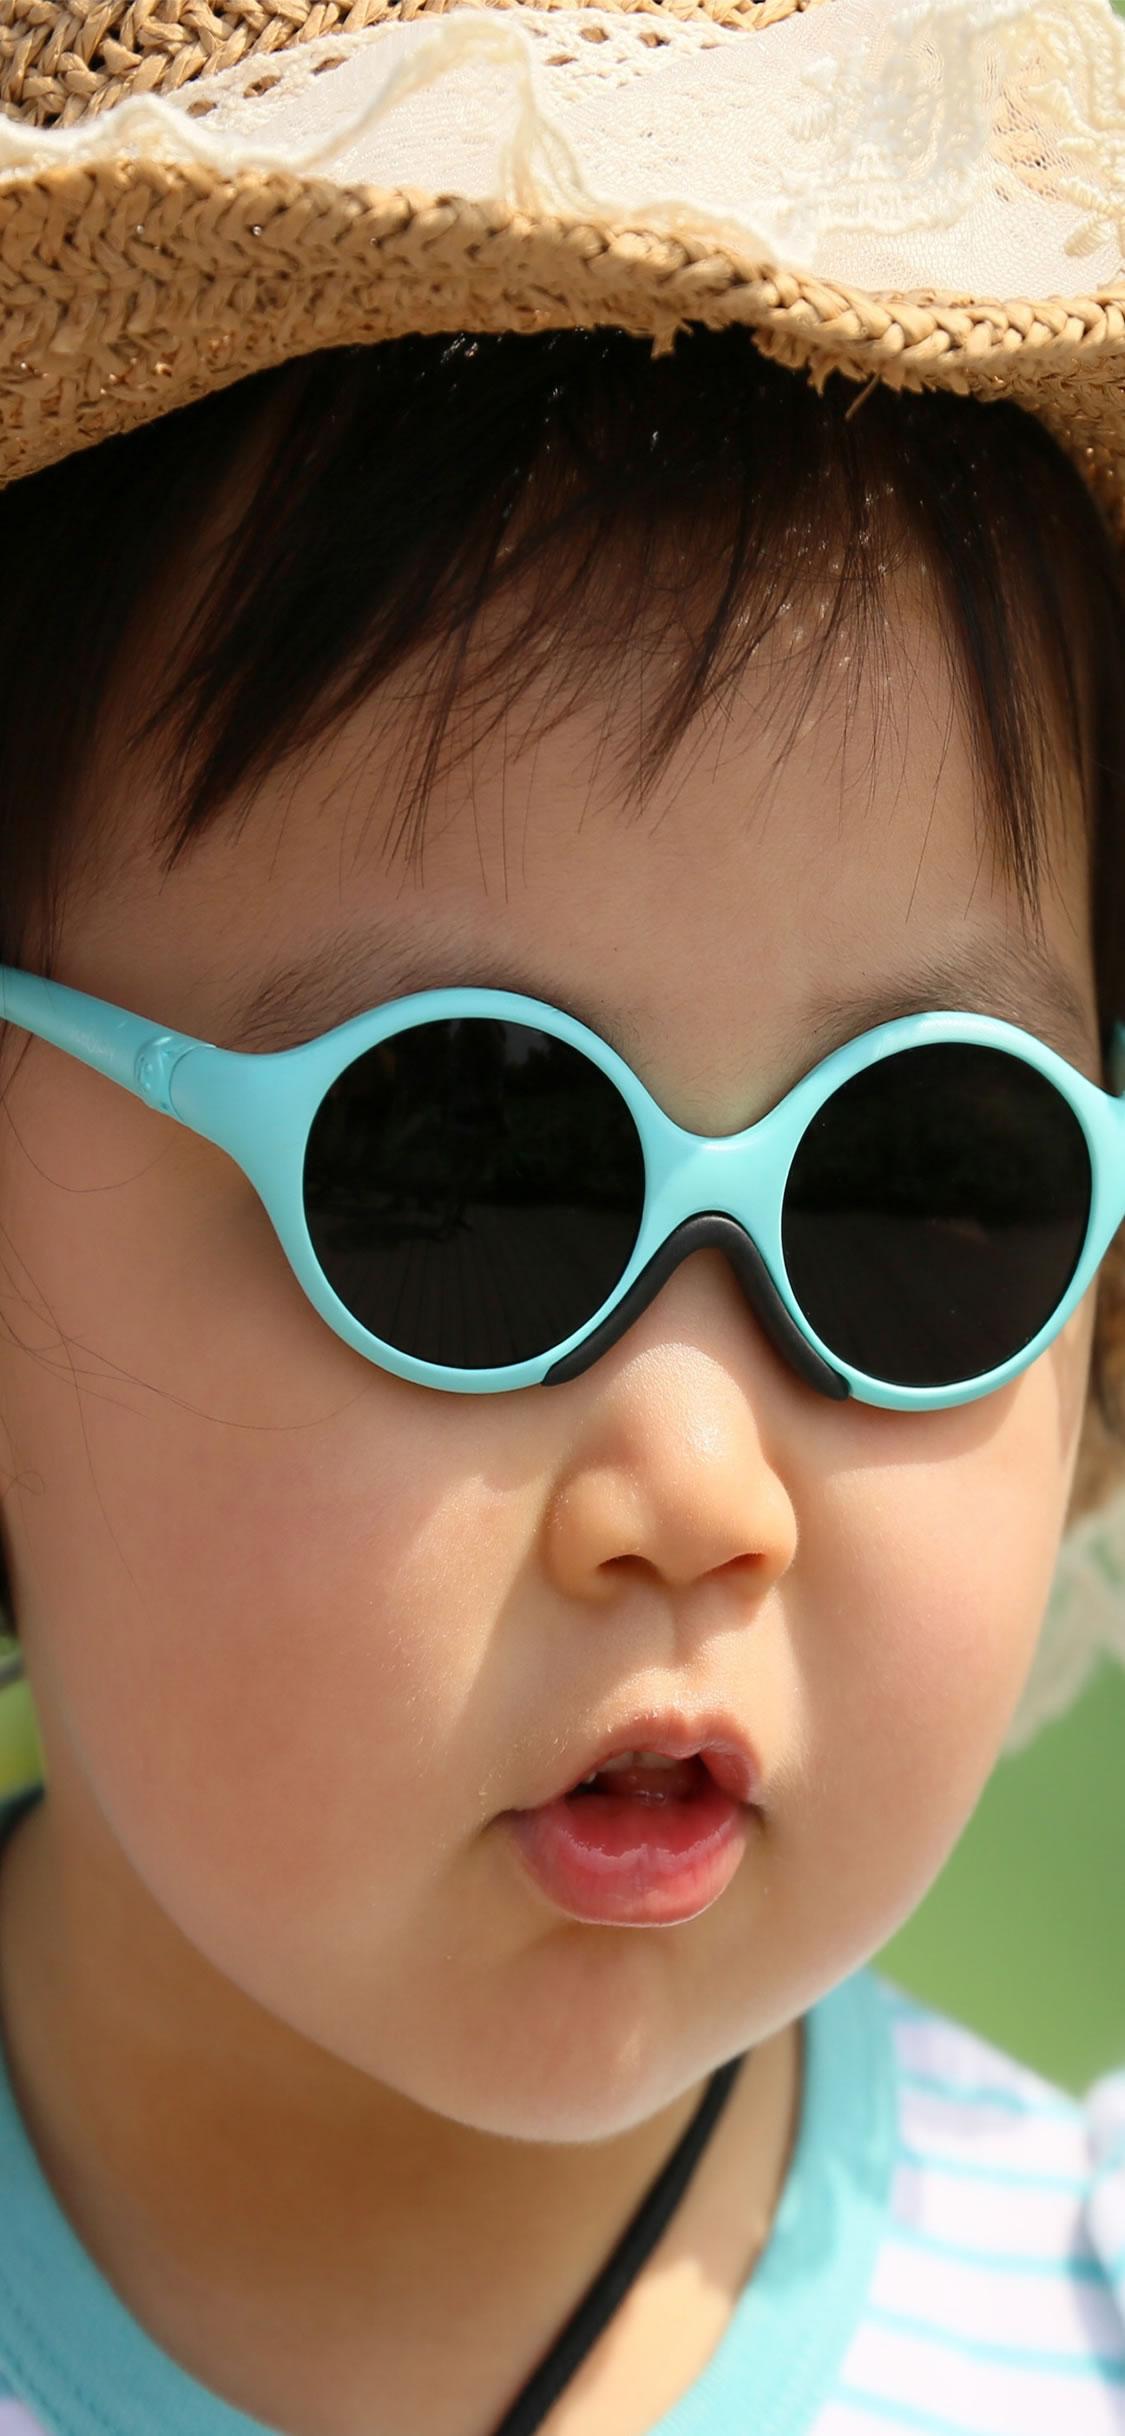 かわいい赤ちゃんの眼鏡と帽子を着てiphonexs壁紙 1125 2436